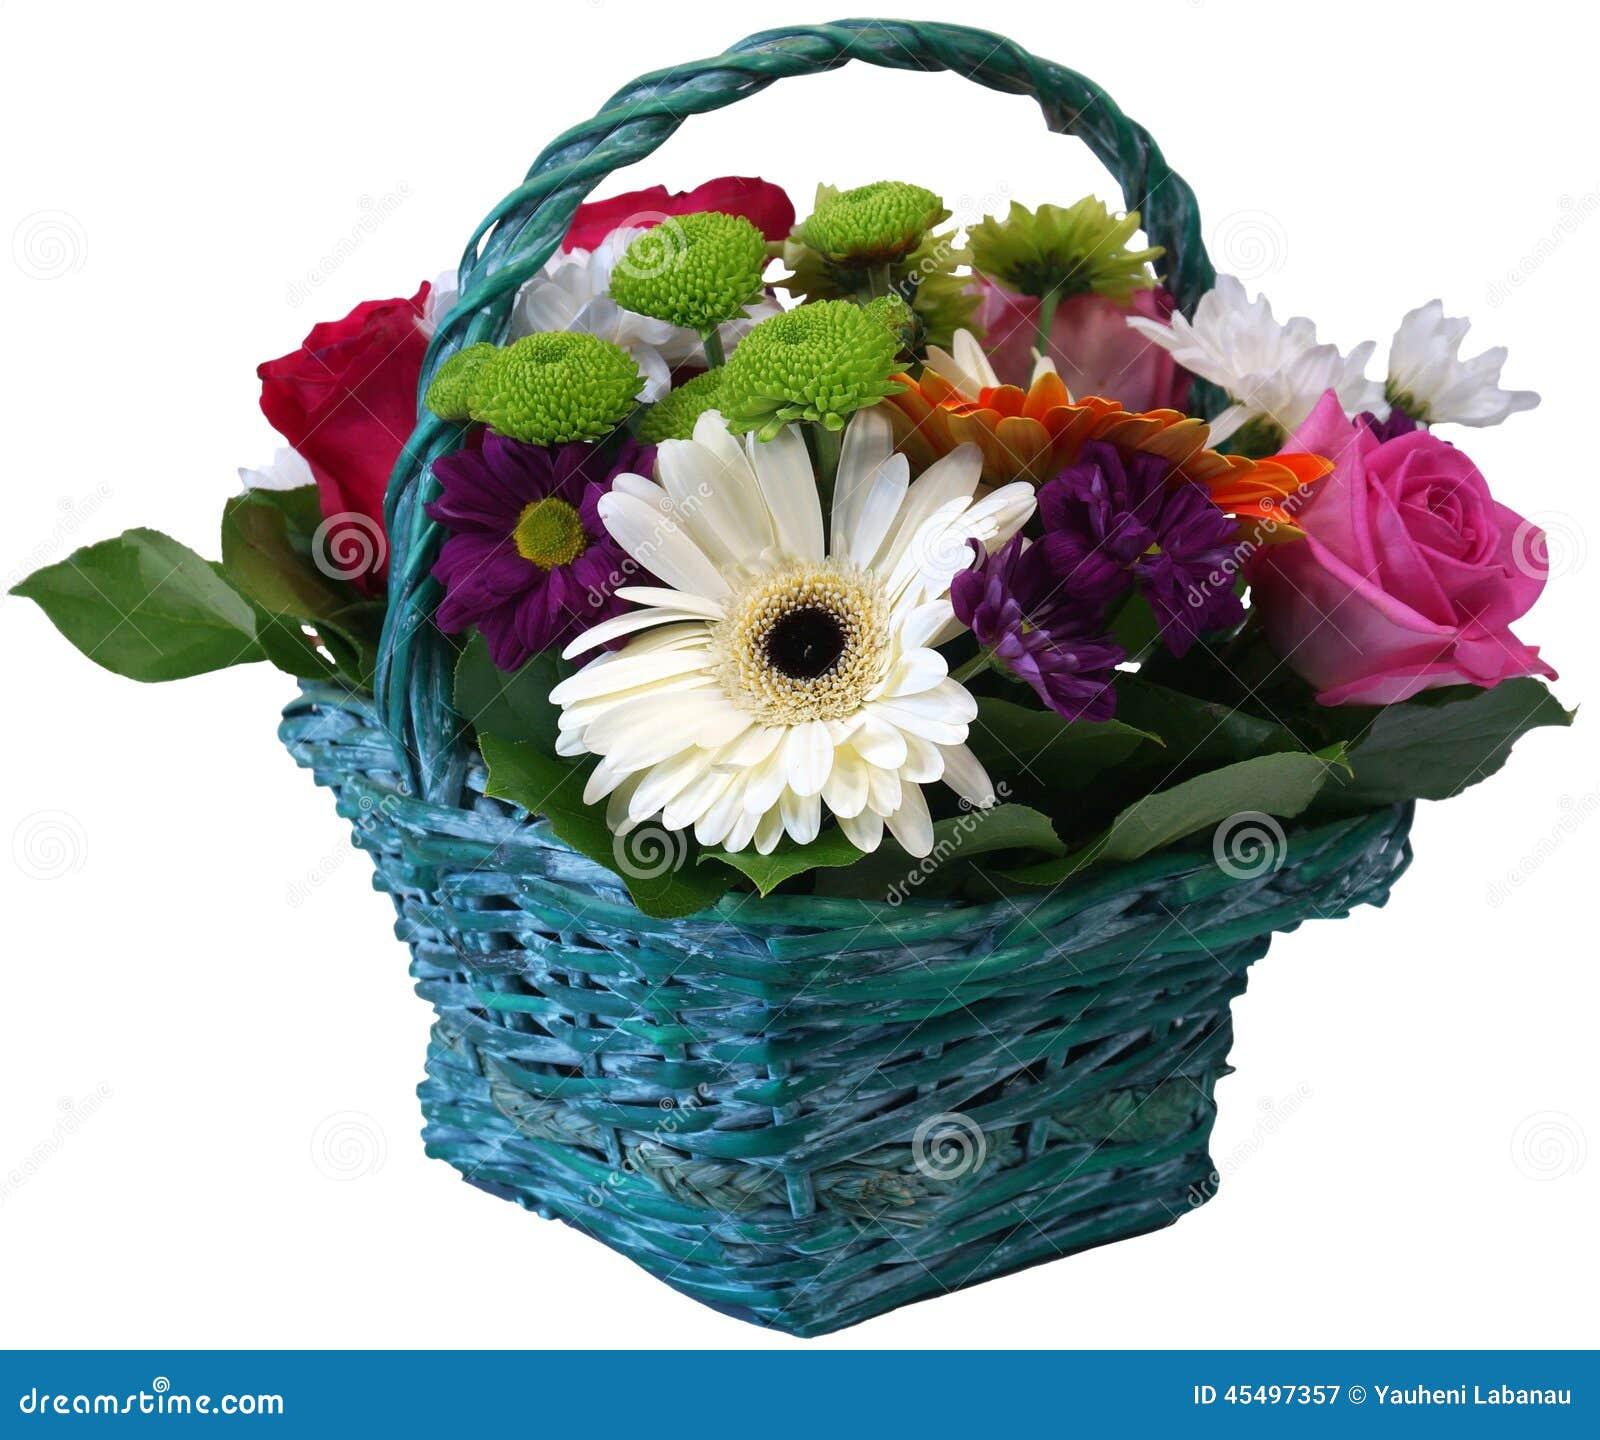 玫瑰菊花和大丁草花篮子